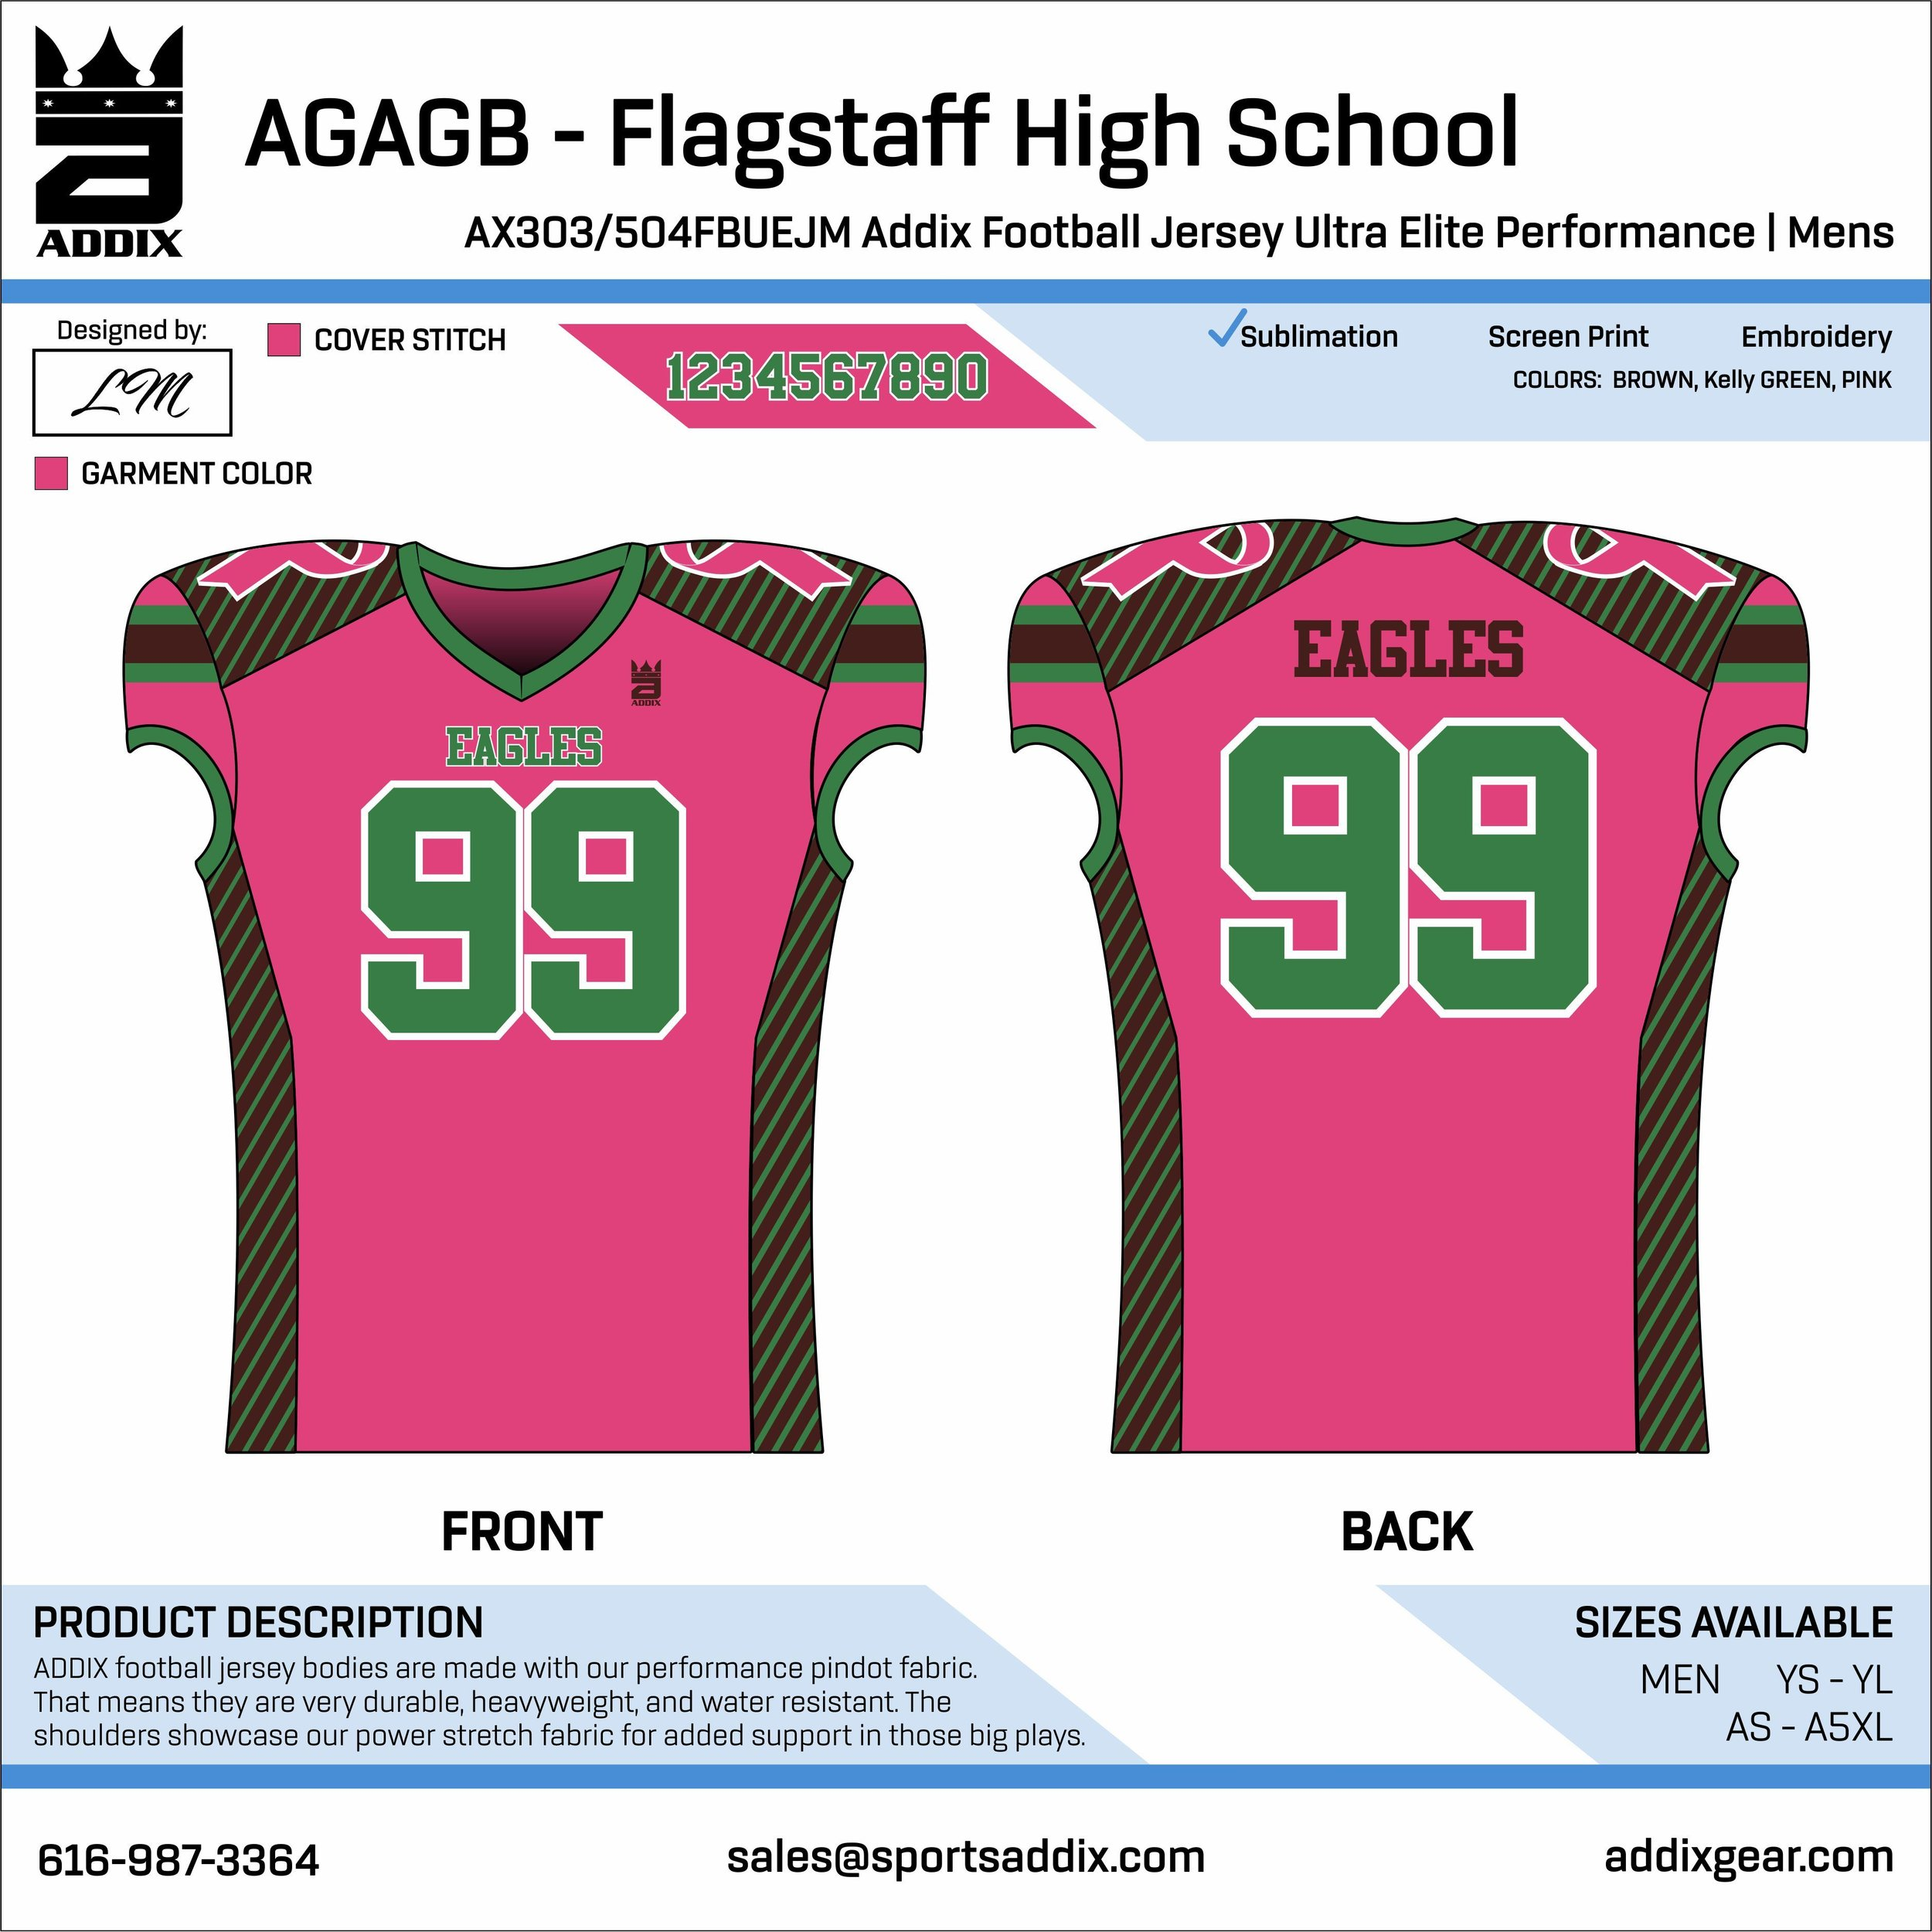 AGAGB - Flagstaff High School_2018_6-18_LM_UEP Jersey.jpg